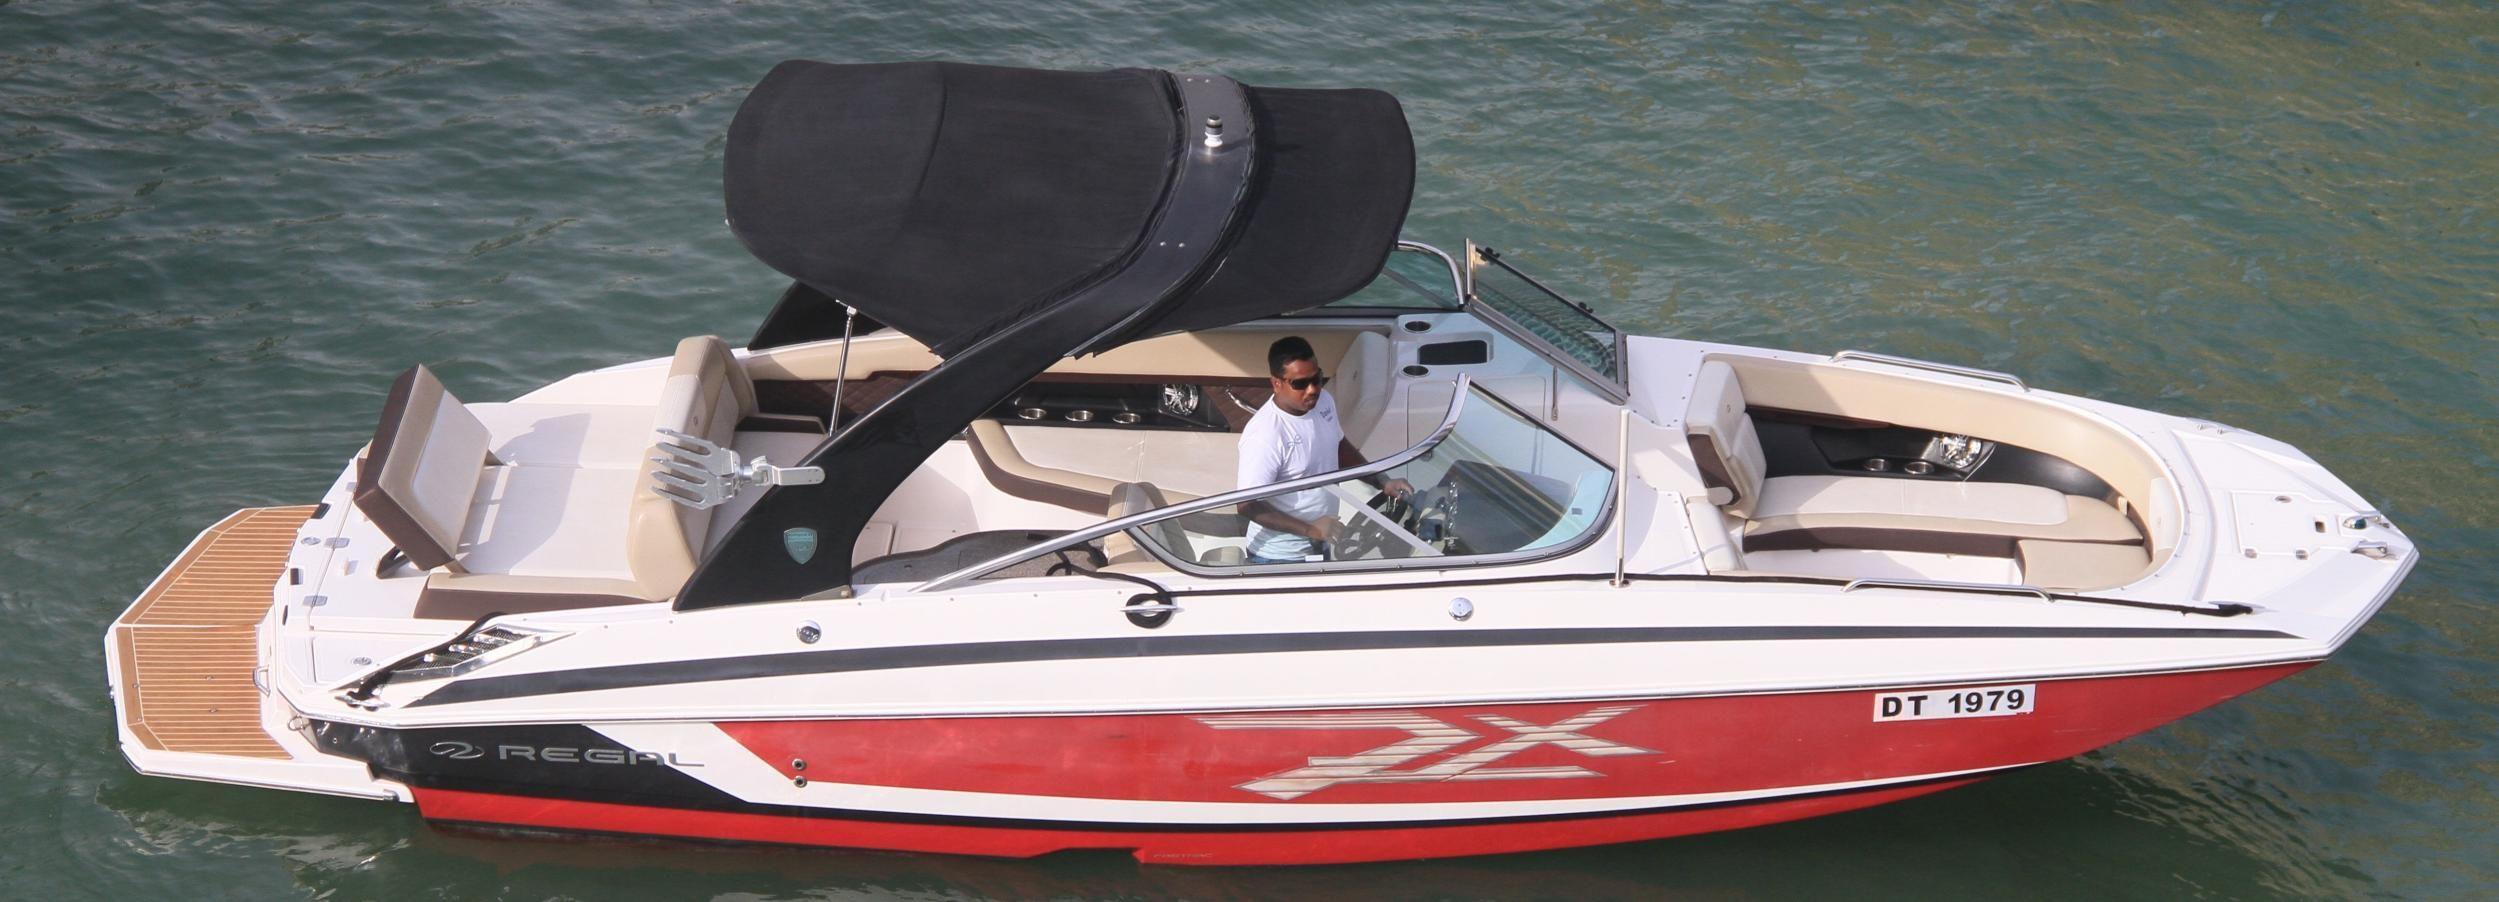 Dubaï: croisière privée en bateau de luxe